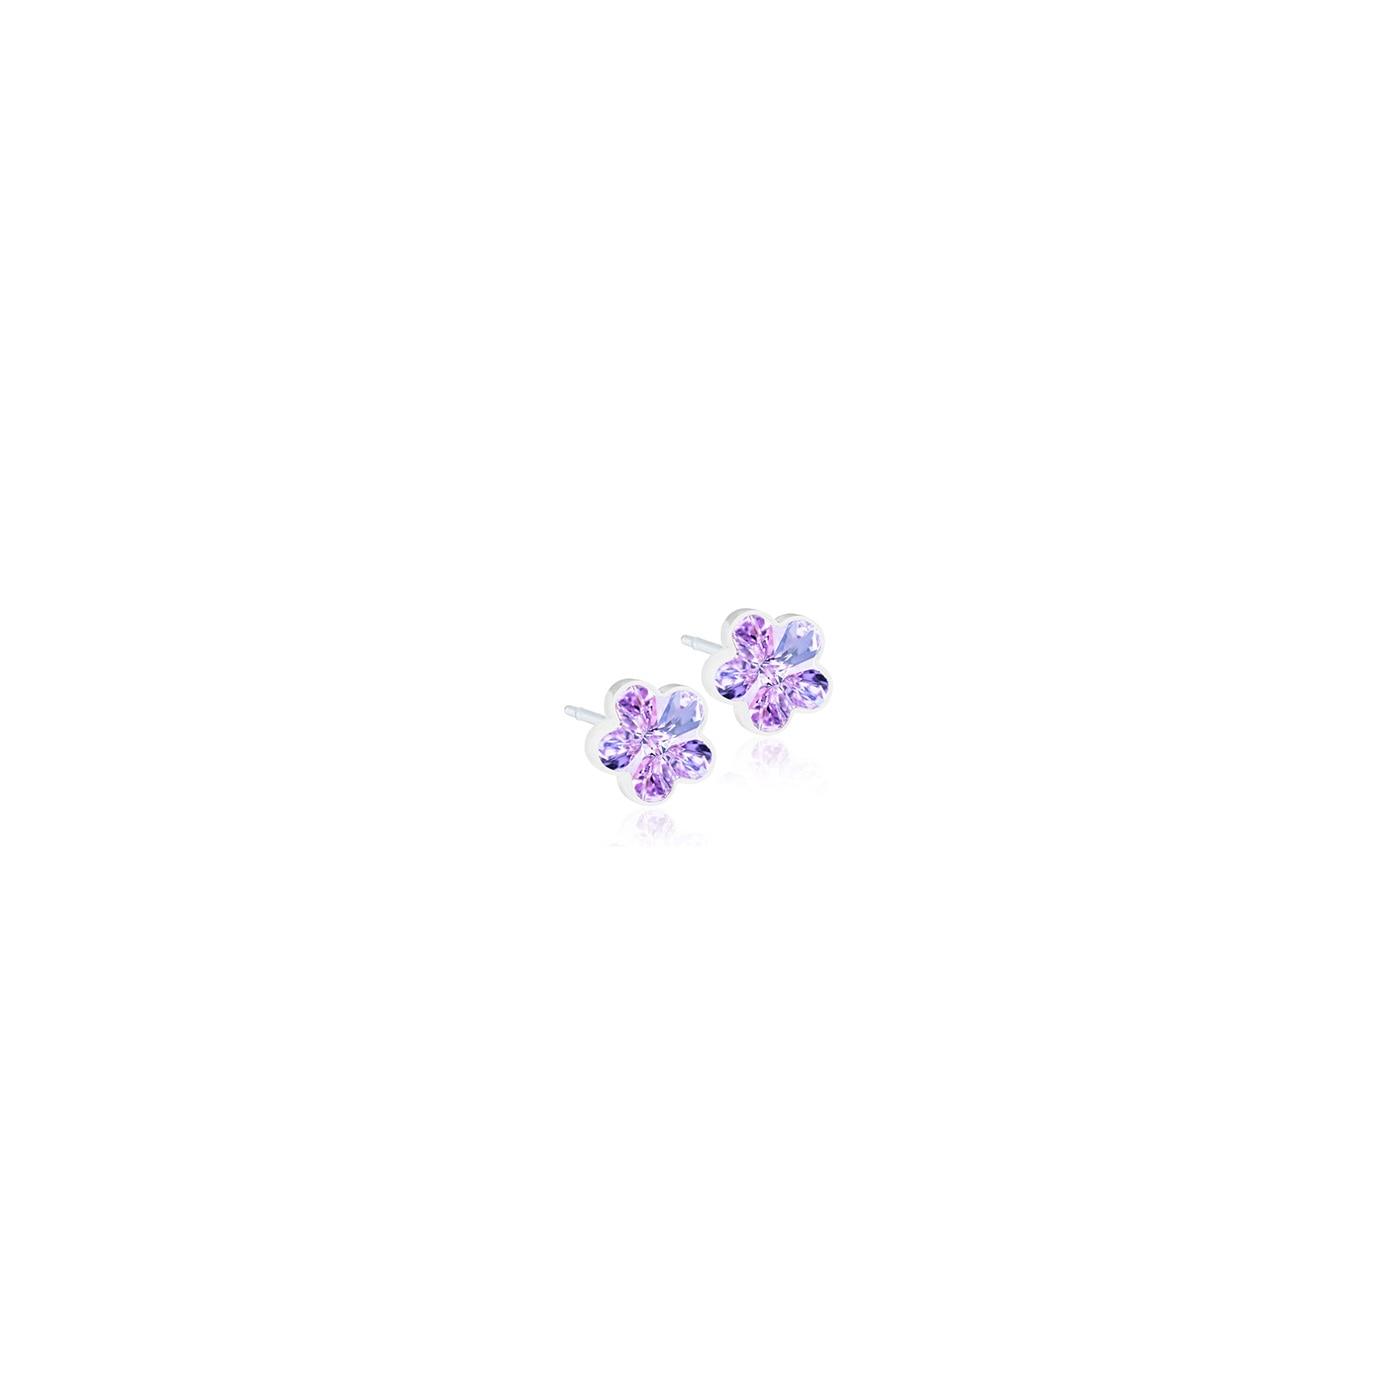 MP Flower 6 mm, Violet